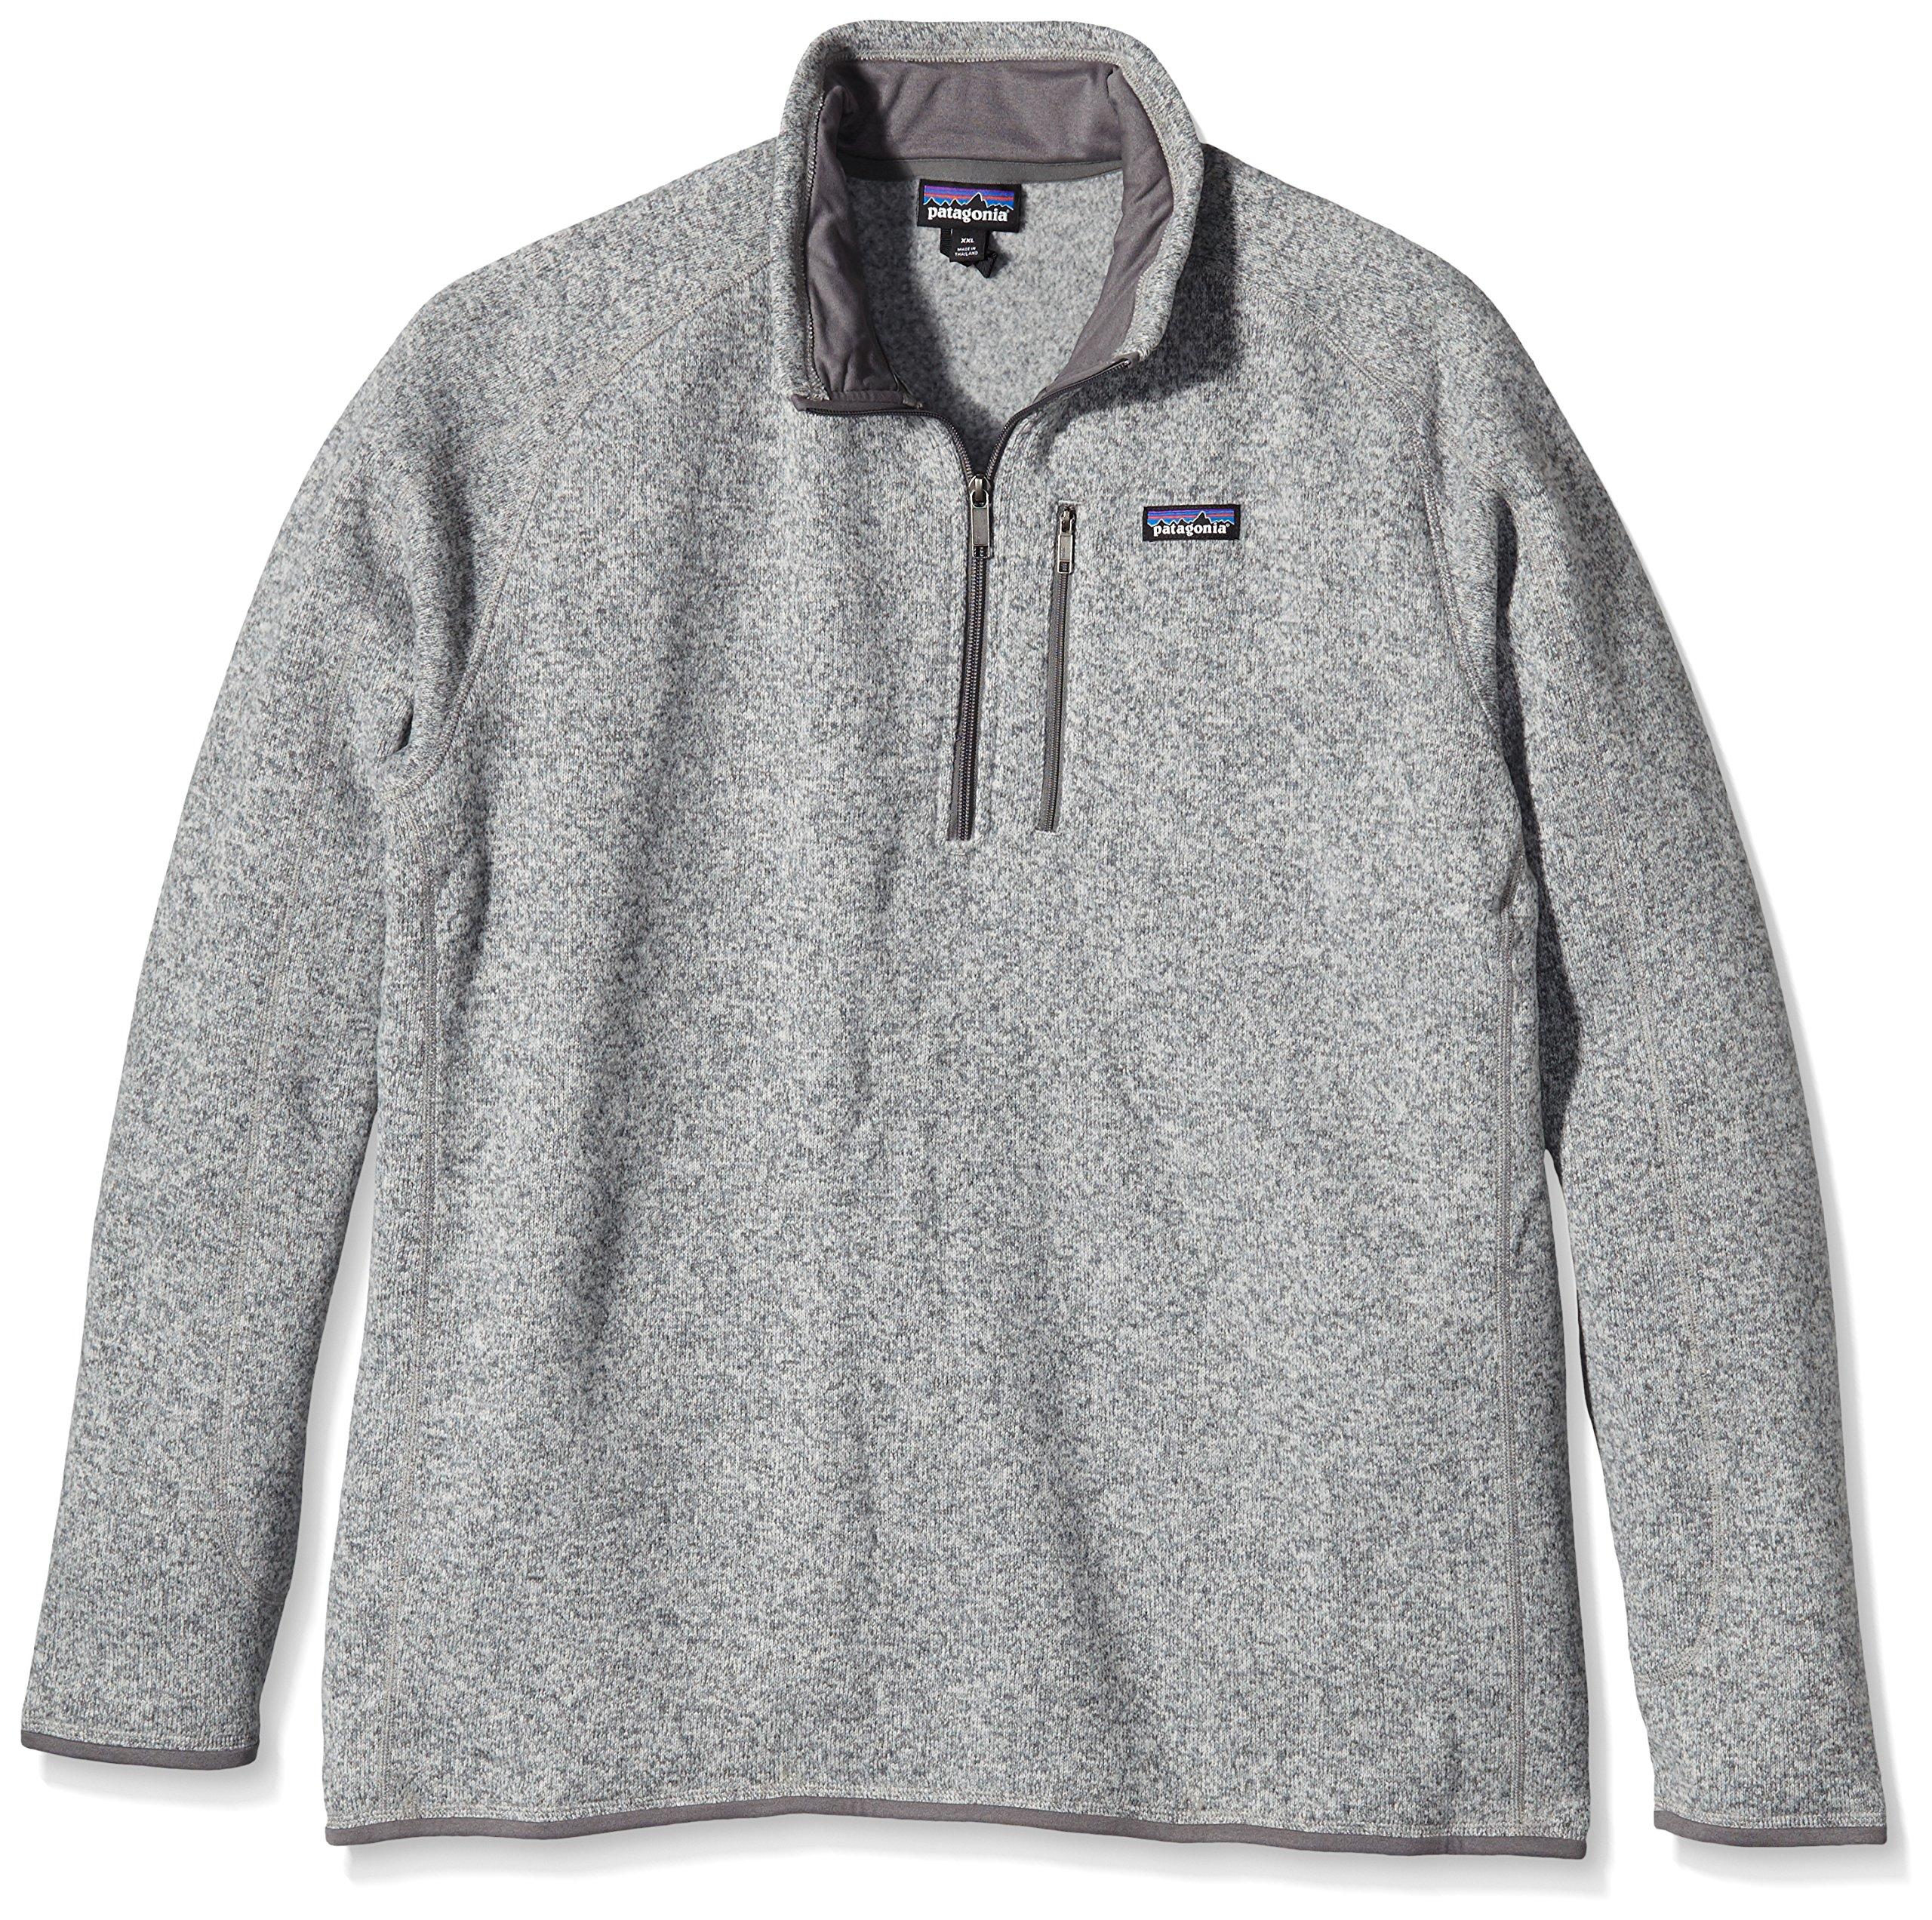 Patagonia Mens Better Sweater 1/4 Zip (Stonewash, Large) by Patagonia